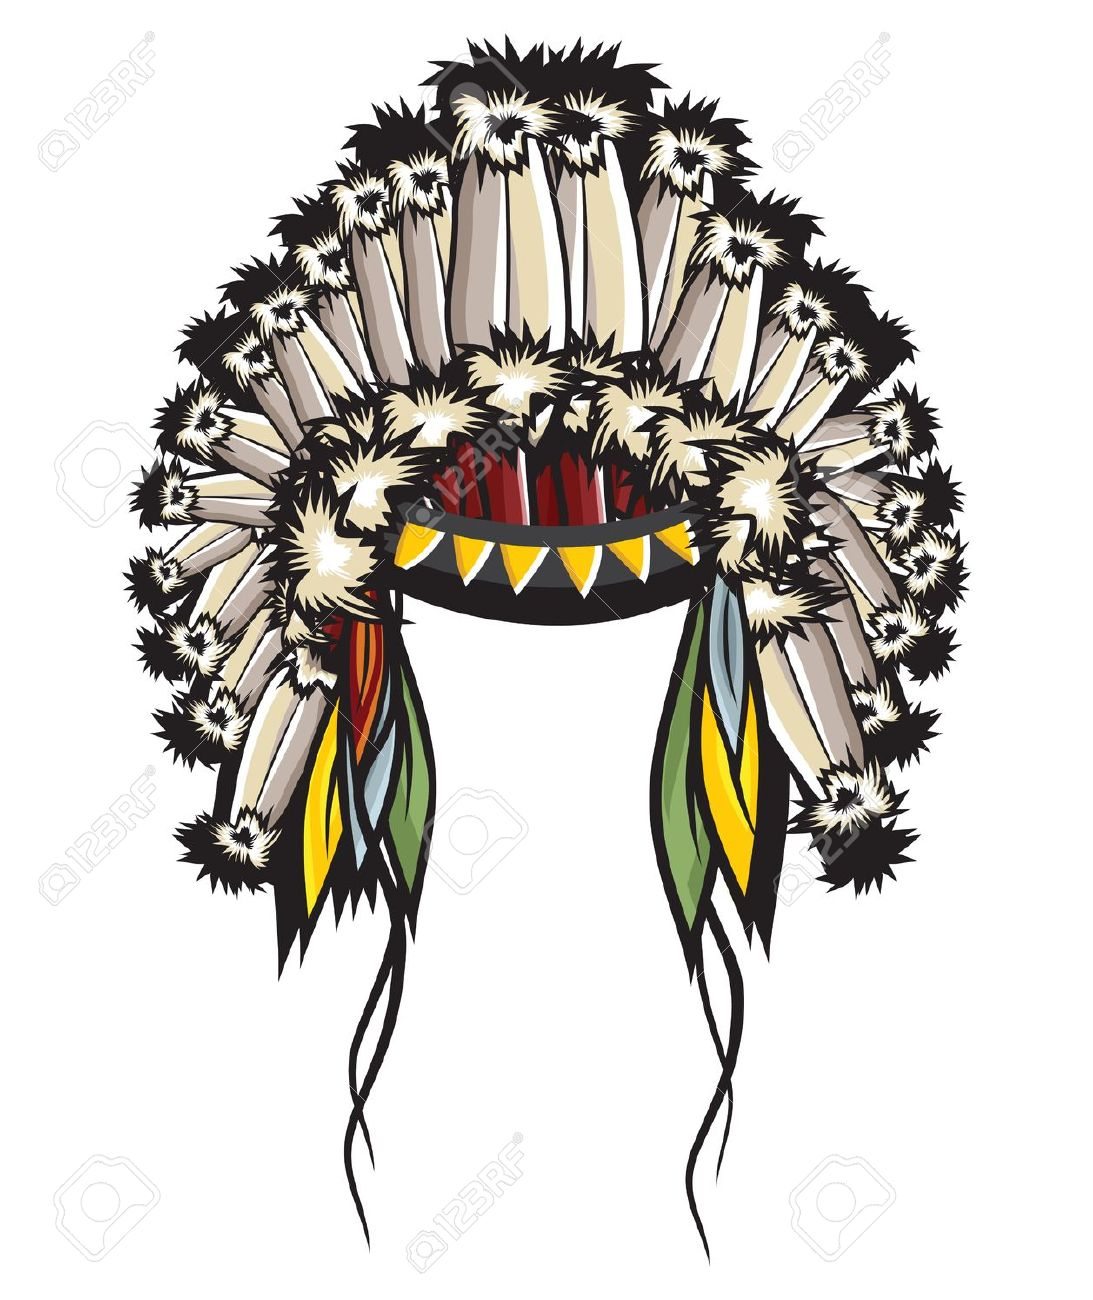 Headdress clipart aztec Buscar Diseño  con personajes